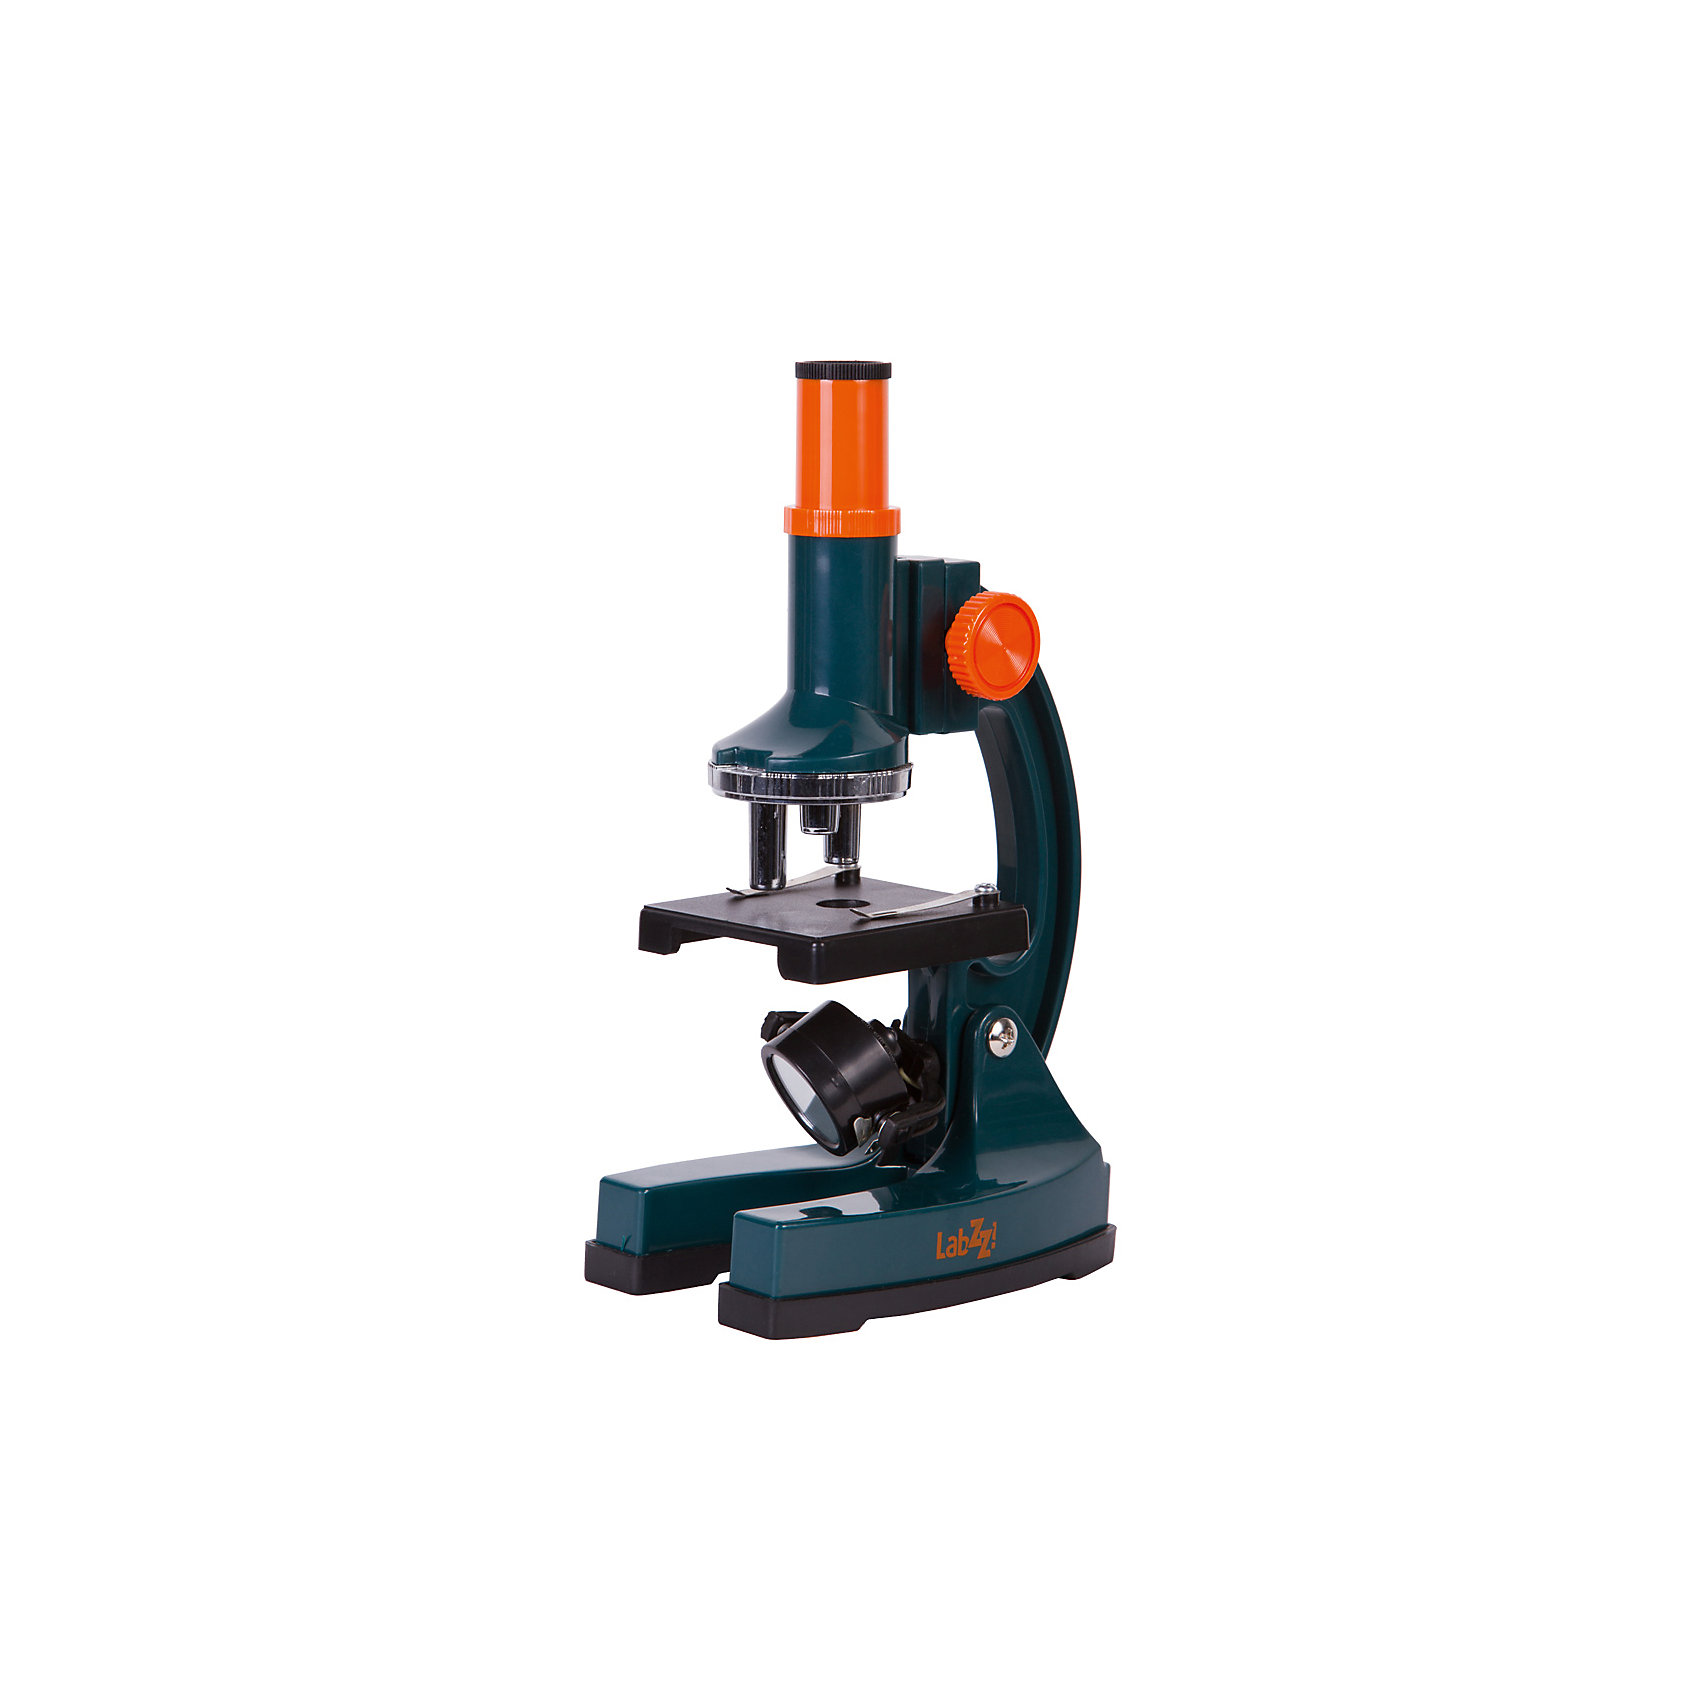 Микроскоп Levenhuk LabZZ M2Микроскопы<br>Характеристики товара:<br><br>• материал: металл, пластик<br>• увеличение: до 900 крат<br>• набор для опытов в комплекте<br>• легкий пластиковый корпус<br>• подсветка: зеркало или встроенная лампа накаливания<br>• лампа работает от батареек 2хАА<br>• комплектация: микроскоп, окуляр, пипетка, лопатка, скальпель, пестик, готовые микропрепараты (3 шт.), предметные стекла (3 шт.), покровные стекла (6 шт.), наклейки для стекол (6 шт.), фиксатор, морская соль, флакон с артемией, инкубатор для артемии<br>• диаметр окулярной трубки: 17 мм<br>• страна бренда: США<br>• страна производства: КНР<br><br>Собственный микроскоп - это отличный способ заинтересовать ребенка наукой и привить ему интерес к учебе. Эта модель микроскопа была разработана специально для детей - он позволяет увеличивать препарат в 900 крат, с помощью этого дети могут исследовать состав и структуру разнообразных предметов, веществ и организмов. Благодаря стильному дизайну этот микроскоп отлично вписывается в интерьер!<br><br>Оптические приборы от американской компании Levenhuk уже успели зарекомендовать себя как качественная и надежная продукция. Для их производства используются только безопасные и проверенные материалы. Такой прибор способен прослужить долго. Подарите ребенку интересную и полезную вещь!<br><br>Микроскоп Levenhuk LabZZ M2 от известного бренда Levenhuk (Левенгук) можно купить в нашем интернет-магазине.<br><br>Ширина мм: 82<br>Глубина мм: 280<br>Высота мм: 290<br>Вес г: 444<br>Возраст от месяцев: 60<br>Возраст до месяцев: 2147483647<br>Пол: Унисекс<br>Возраст: Детский<br>SKU: 5435290